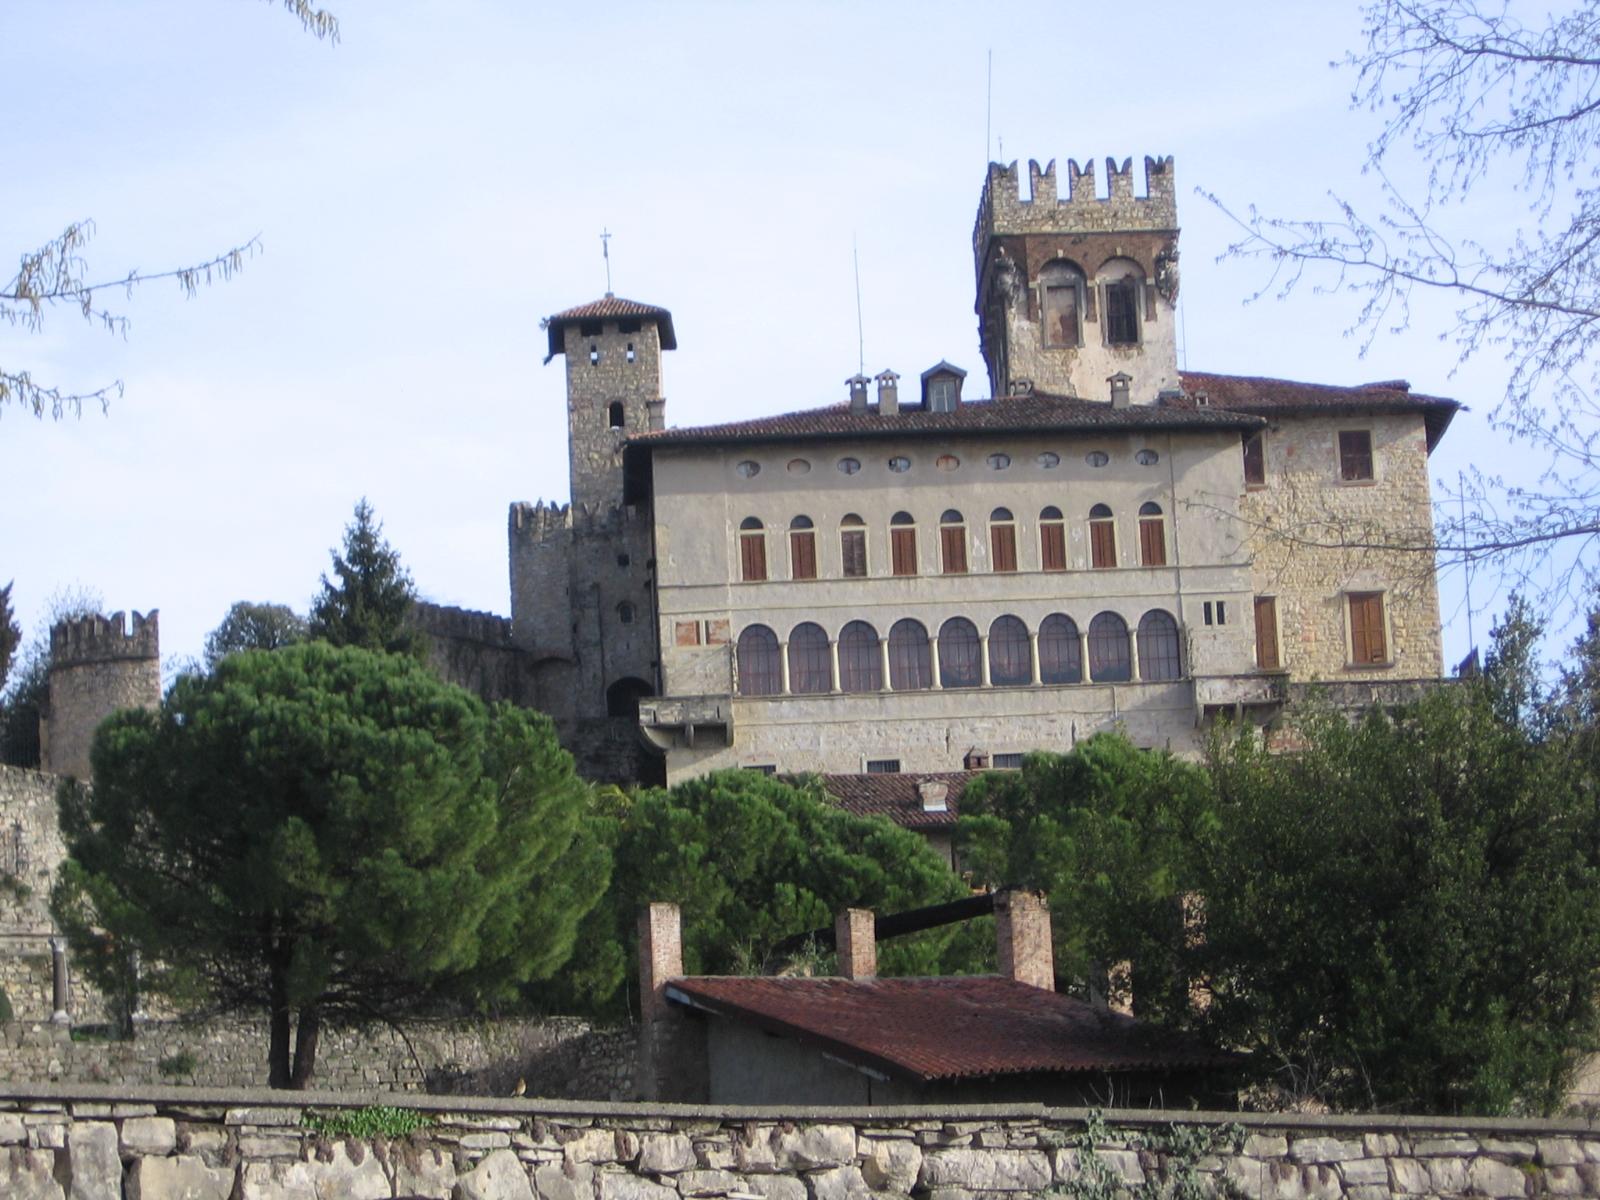 Castello di costa di mezzate wikipedia - Immagini di giardini di villette ...